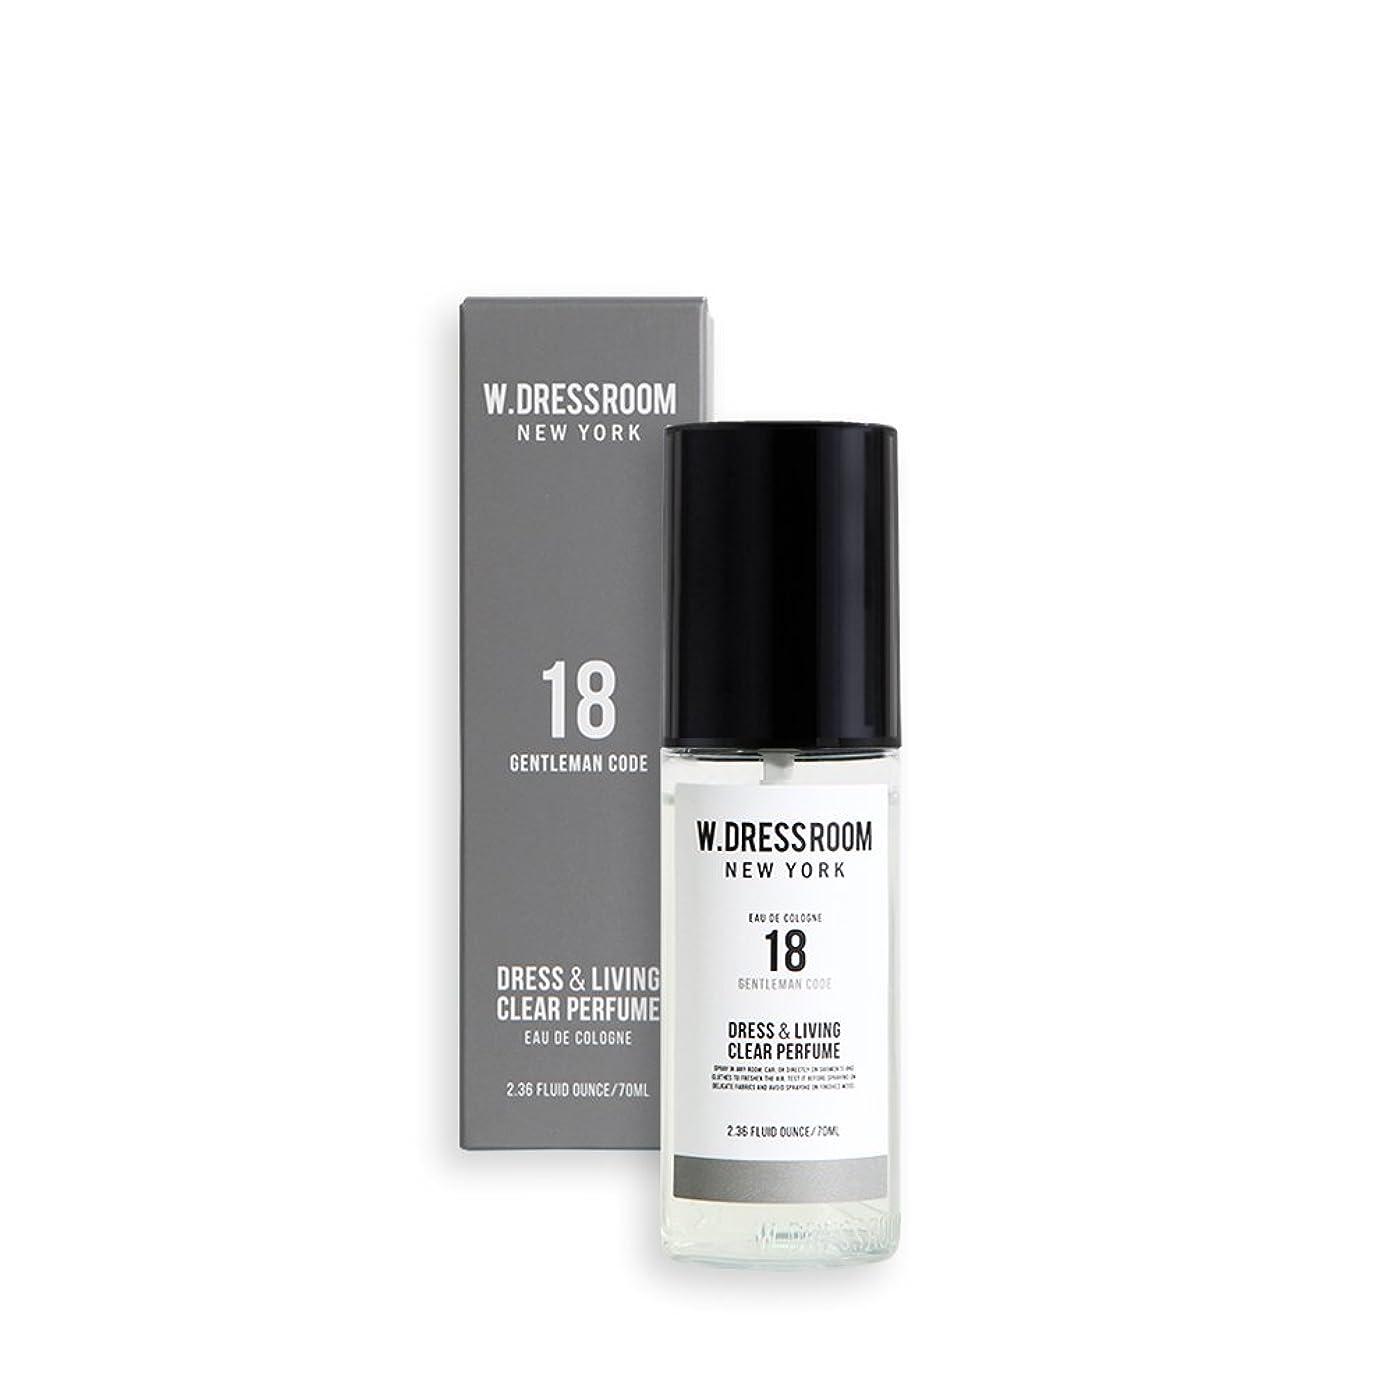 モディッシュ傾いたスタックW.DRESSROOM Dress & Living Clear Perfume 70ml/ダブルドレスルーム ドレス&リビング クリア パフューム 70ml (#No.18 Gentleman Code) [並行輸入品]